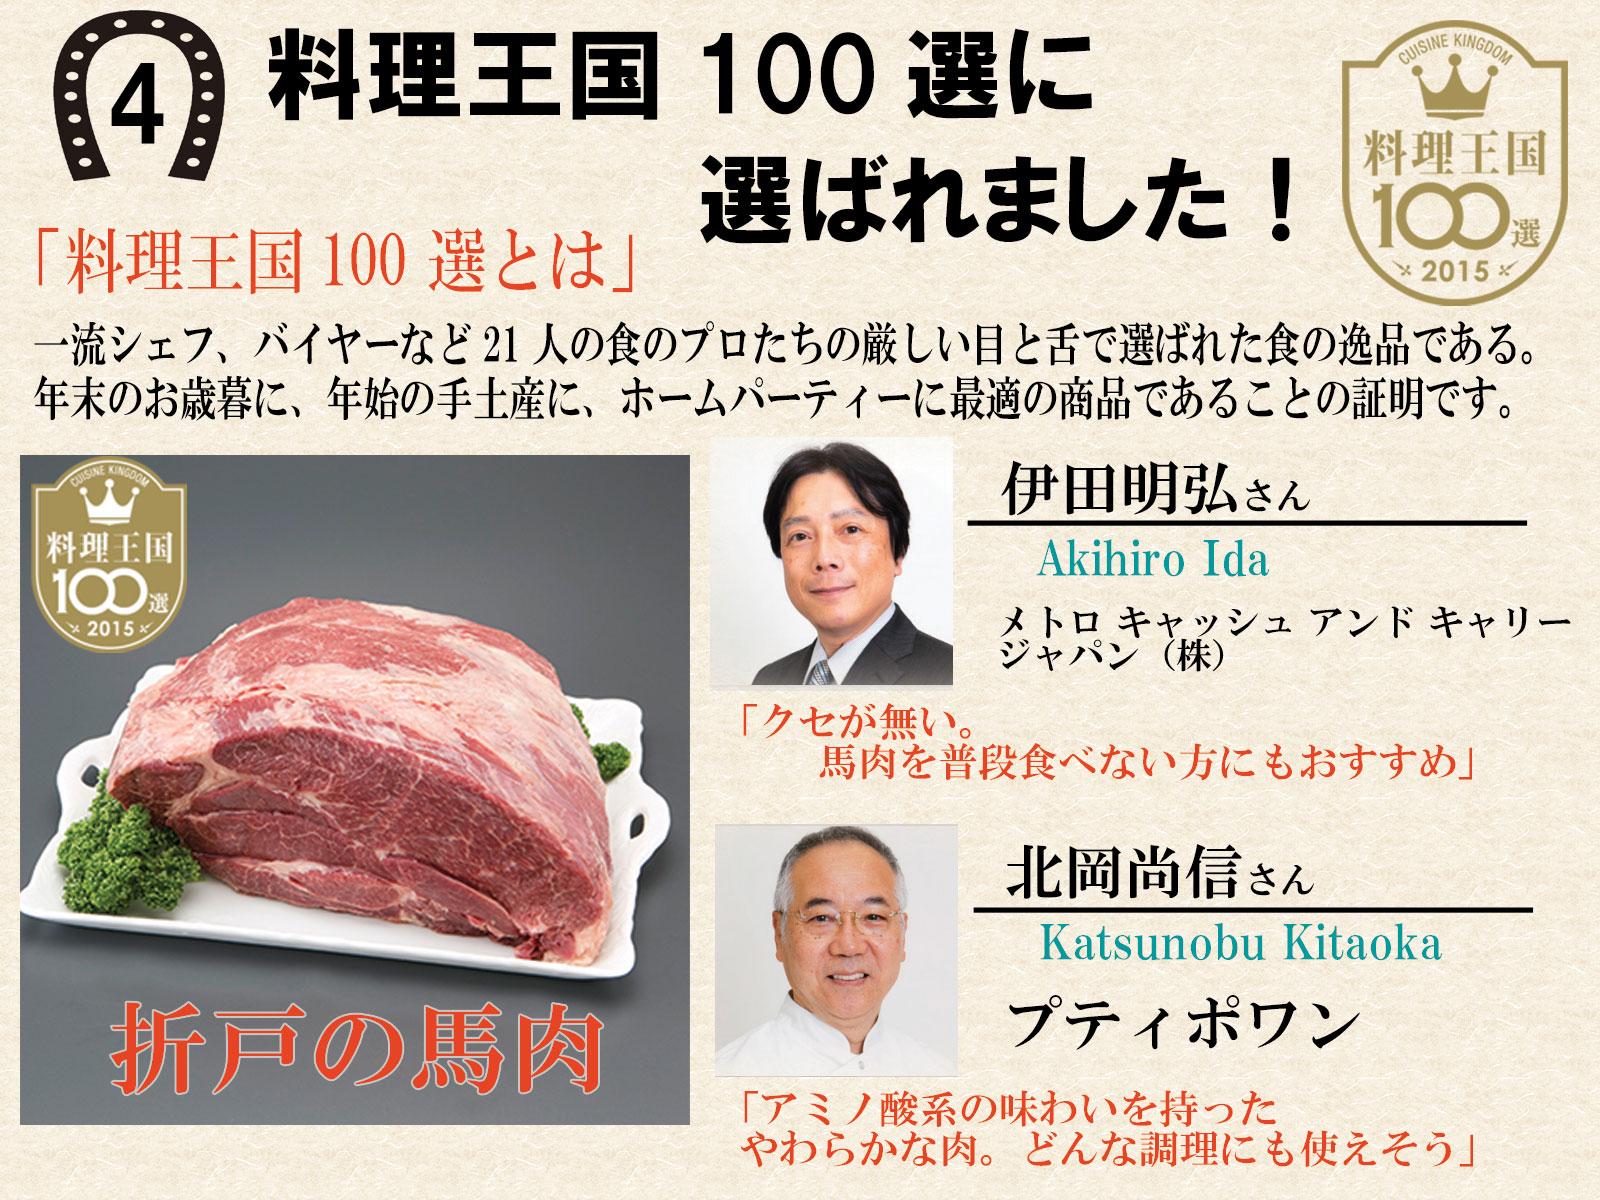 折戸の馬肉料理王国100選に選ばれました